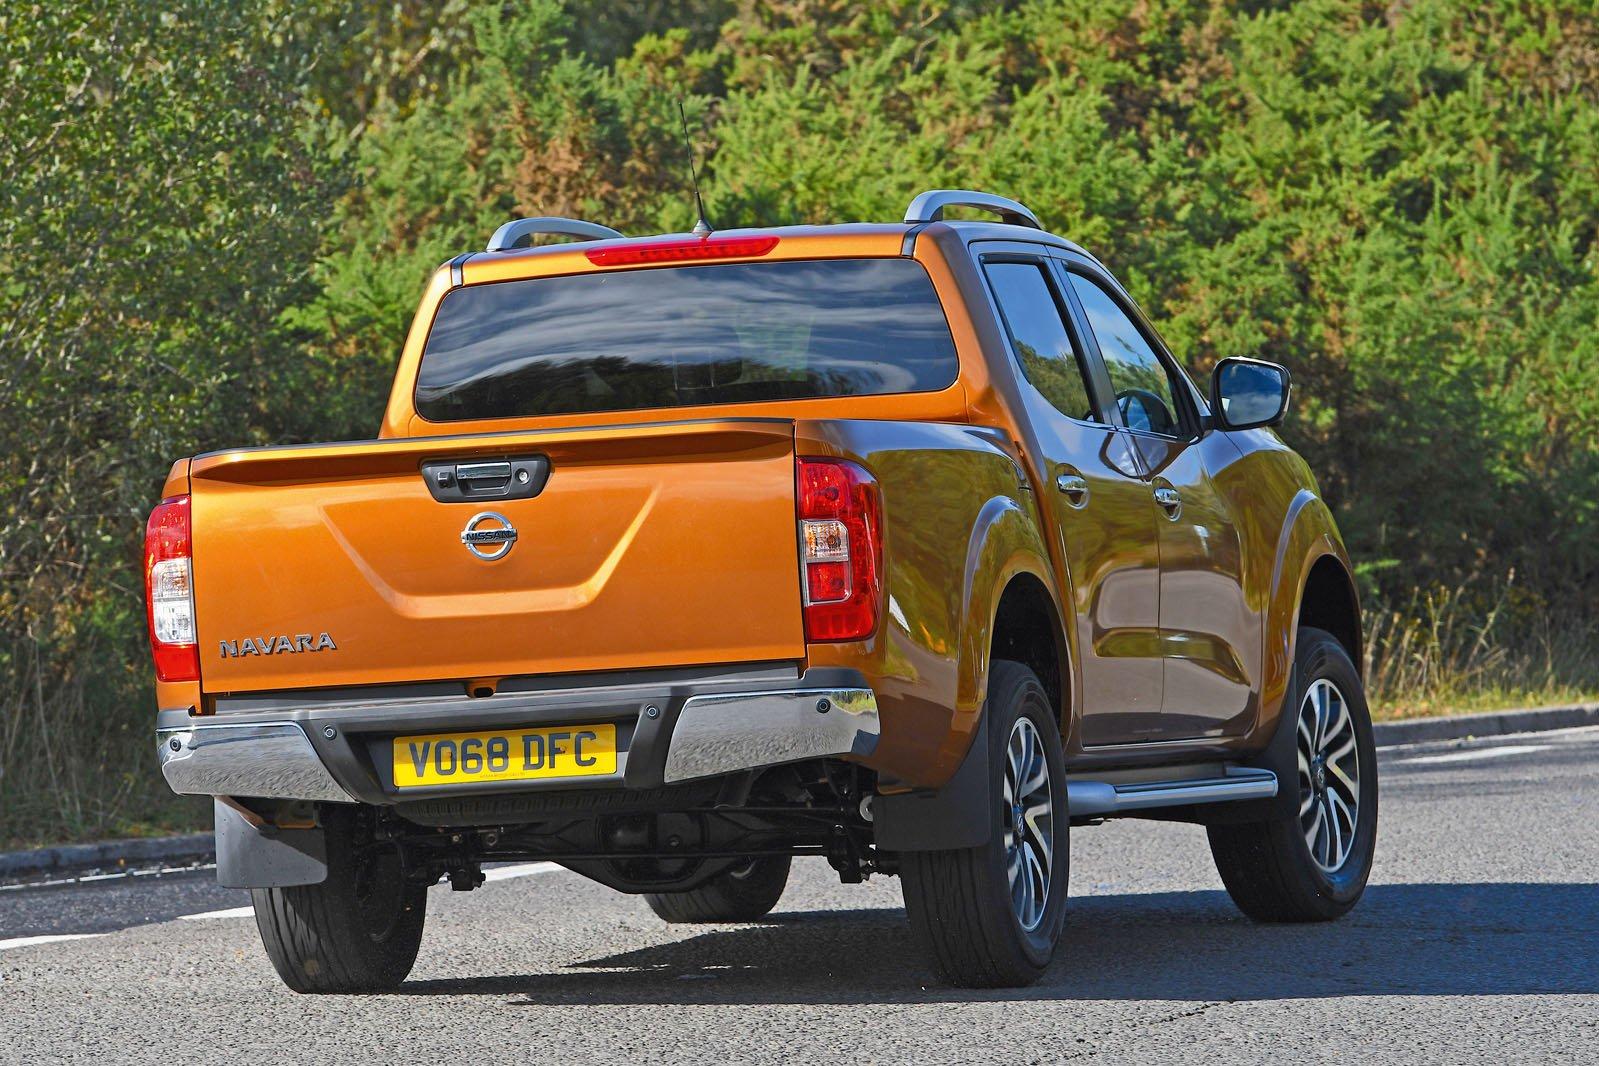 Pick-up truck mega test comparison | What Car?